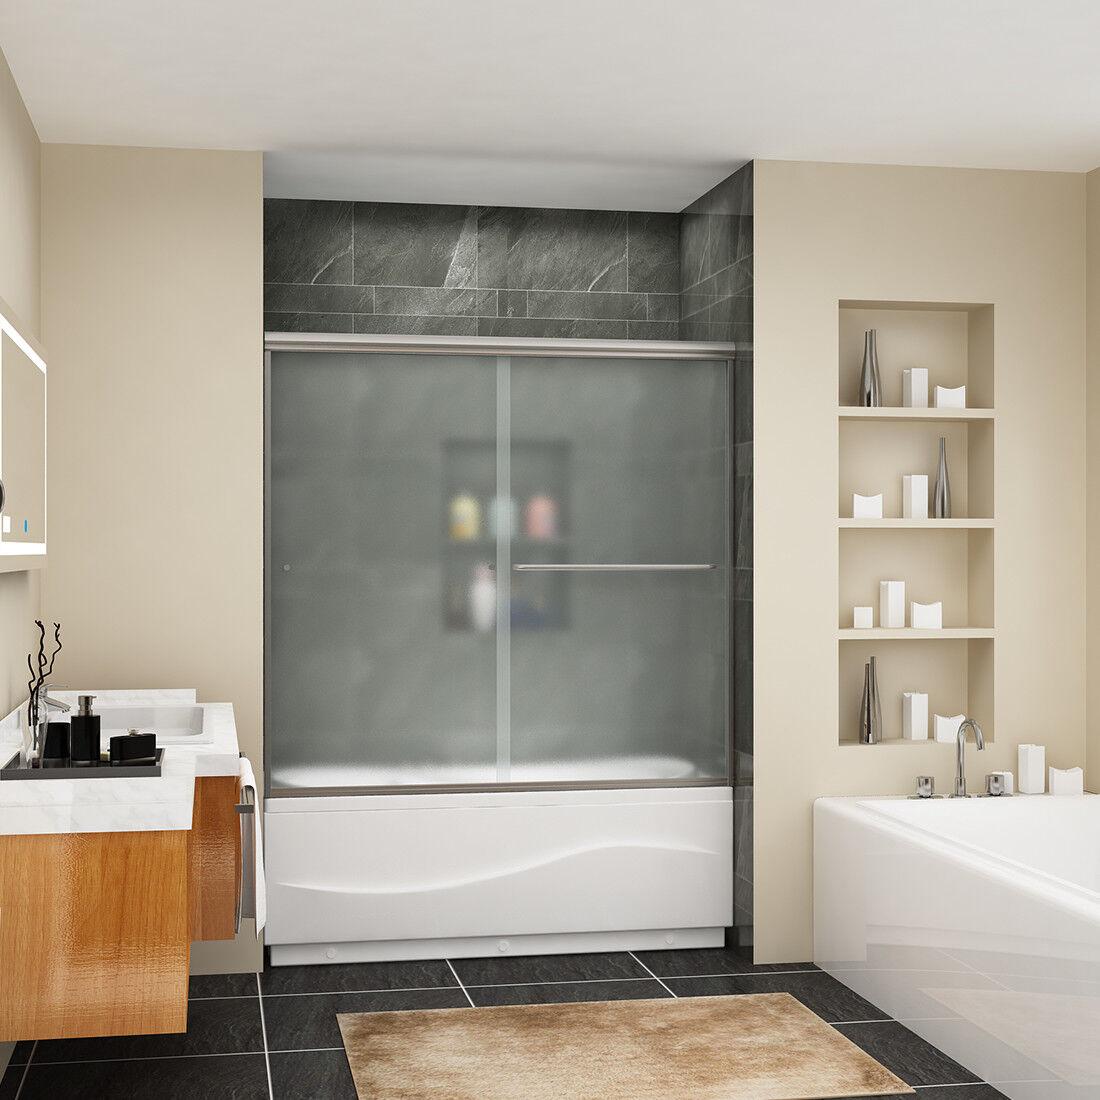 Sunny Shower Sliding Shower Bypass Tub Door 60 Semi Frameless Frosted Glass